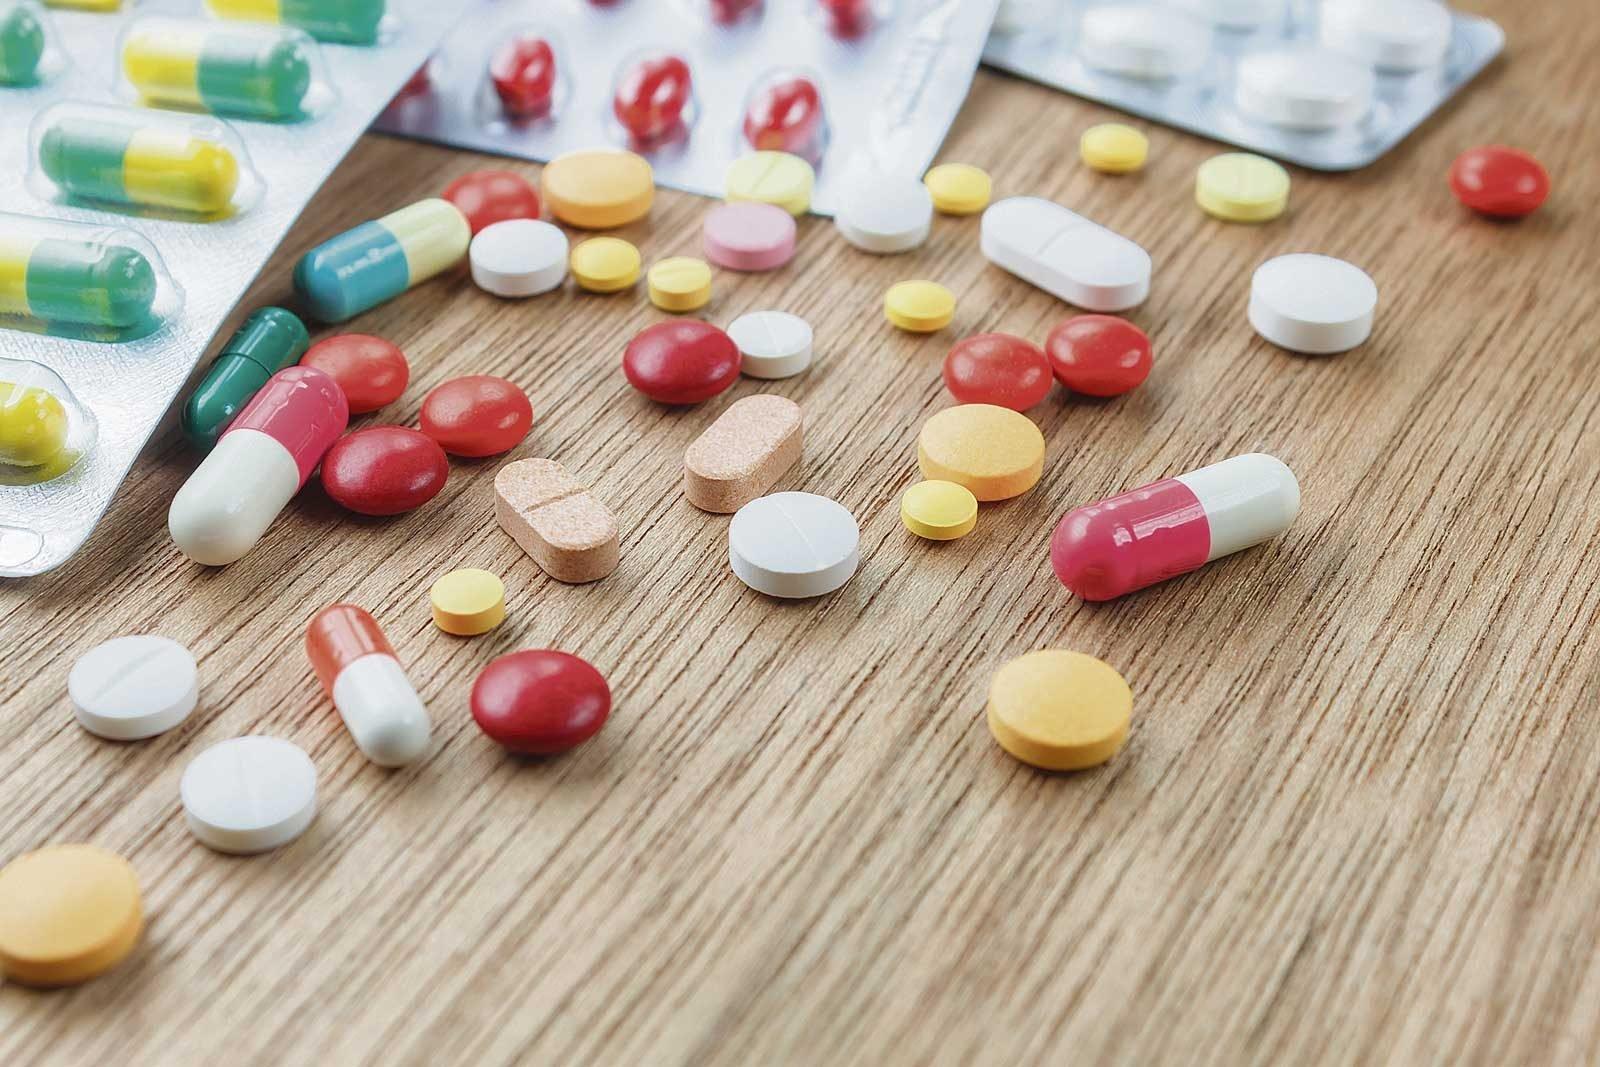 pastile pentru durere în mușchi și articulații